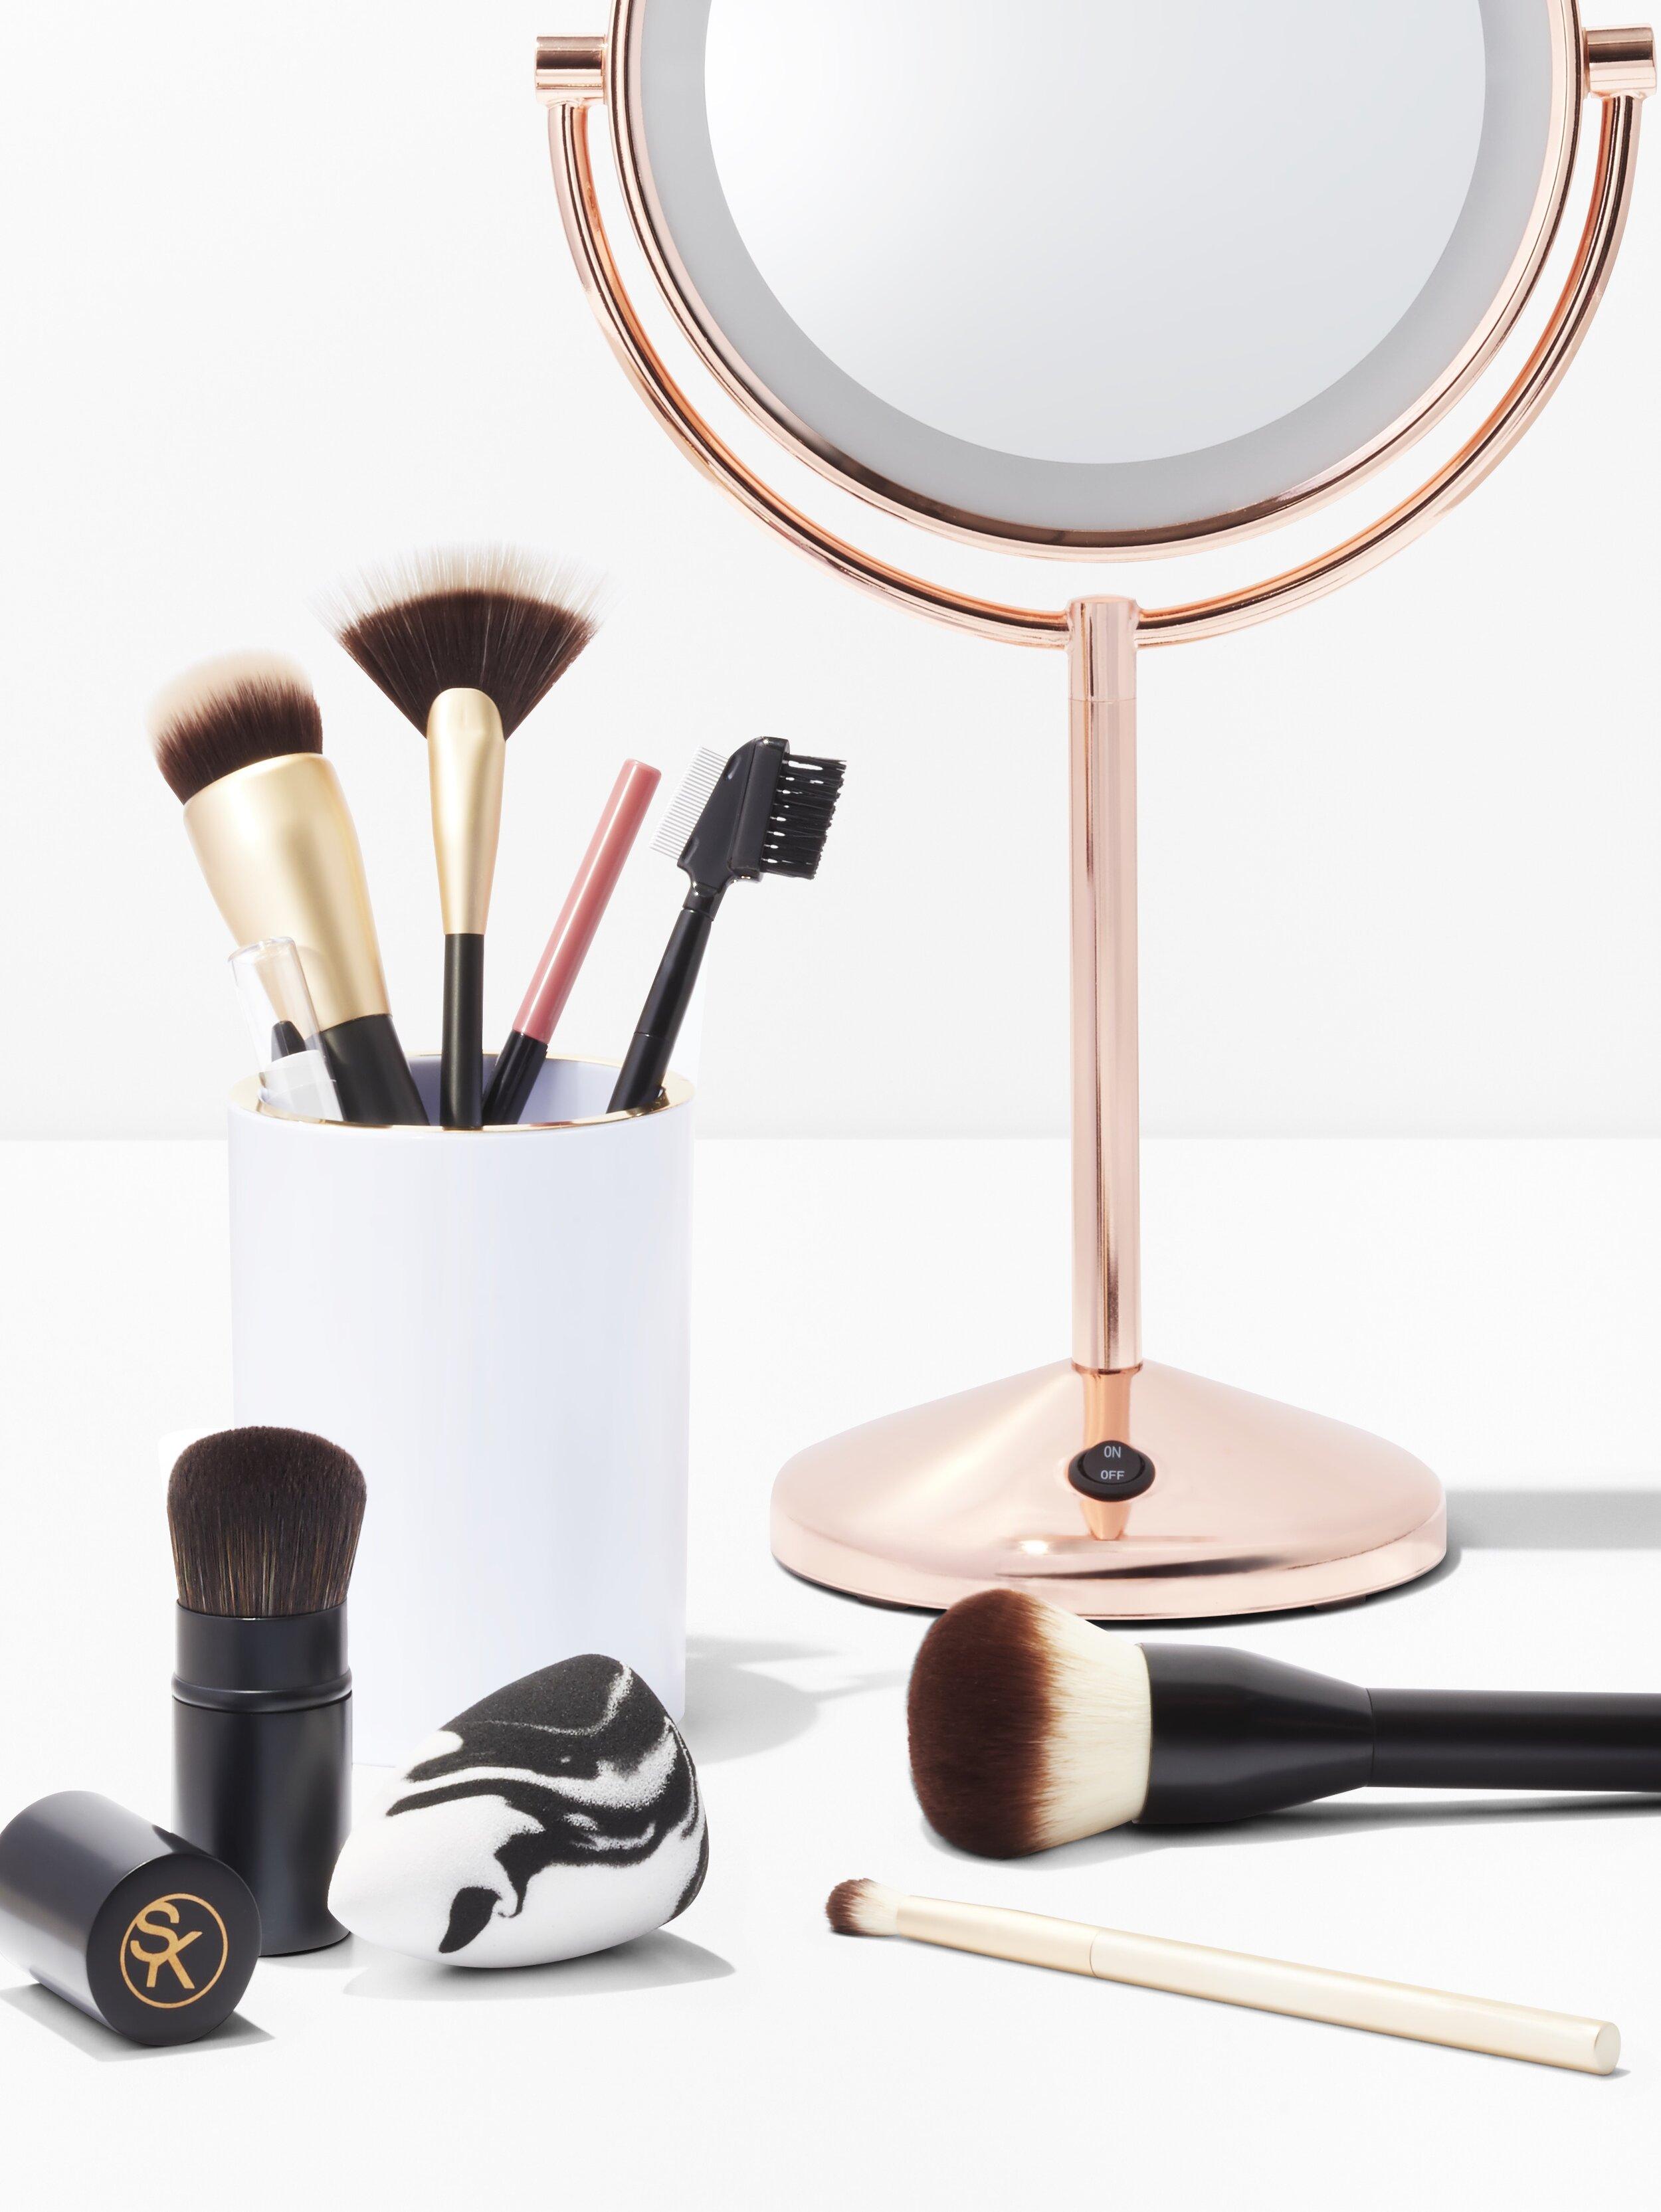 C-001088-01-050_Beauty_08Wk3_SoniaKashuk_MakeupBrushes_cropped.jpg